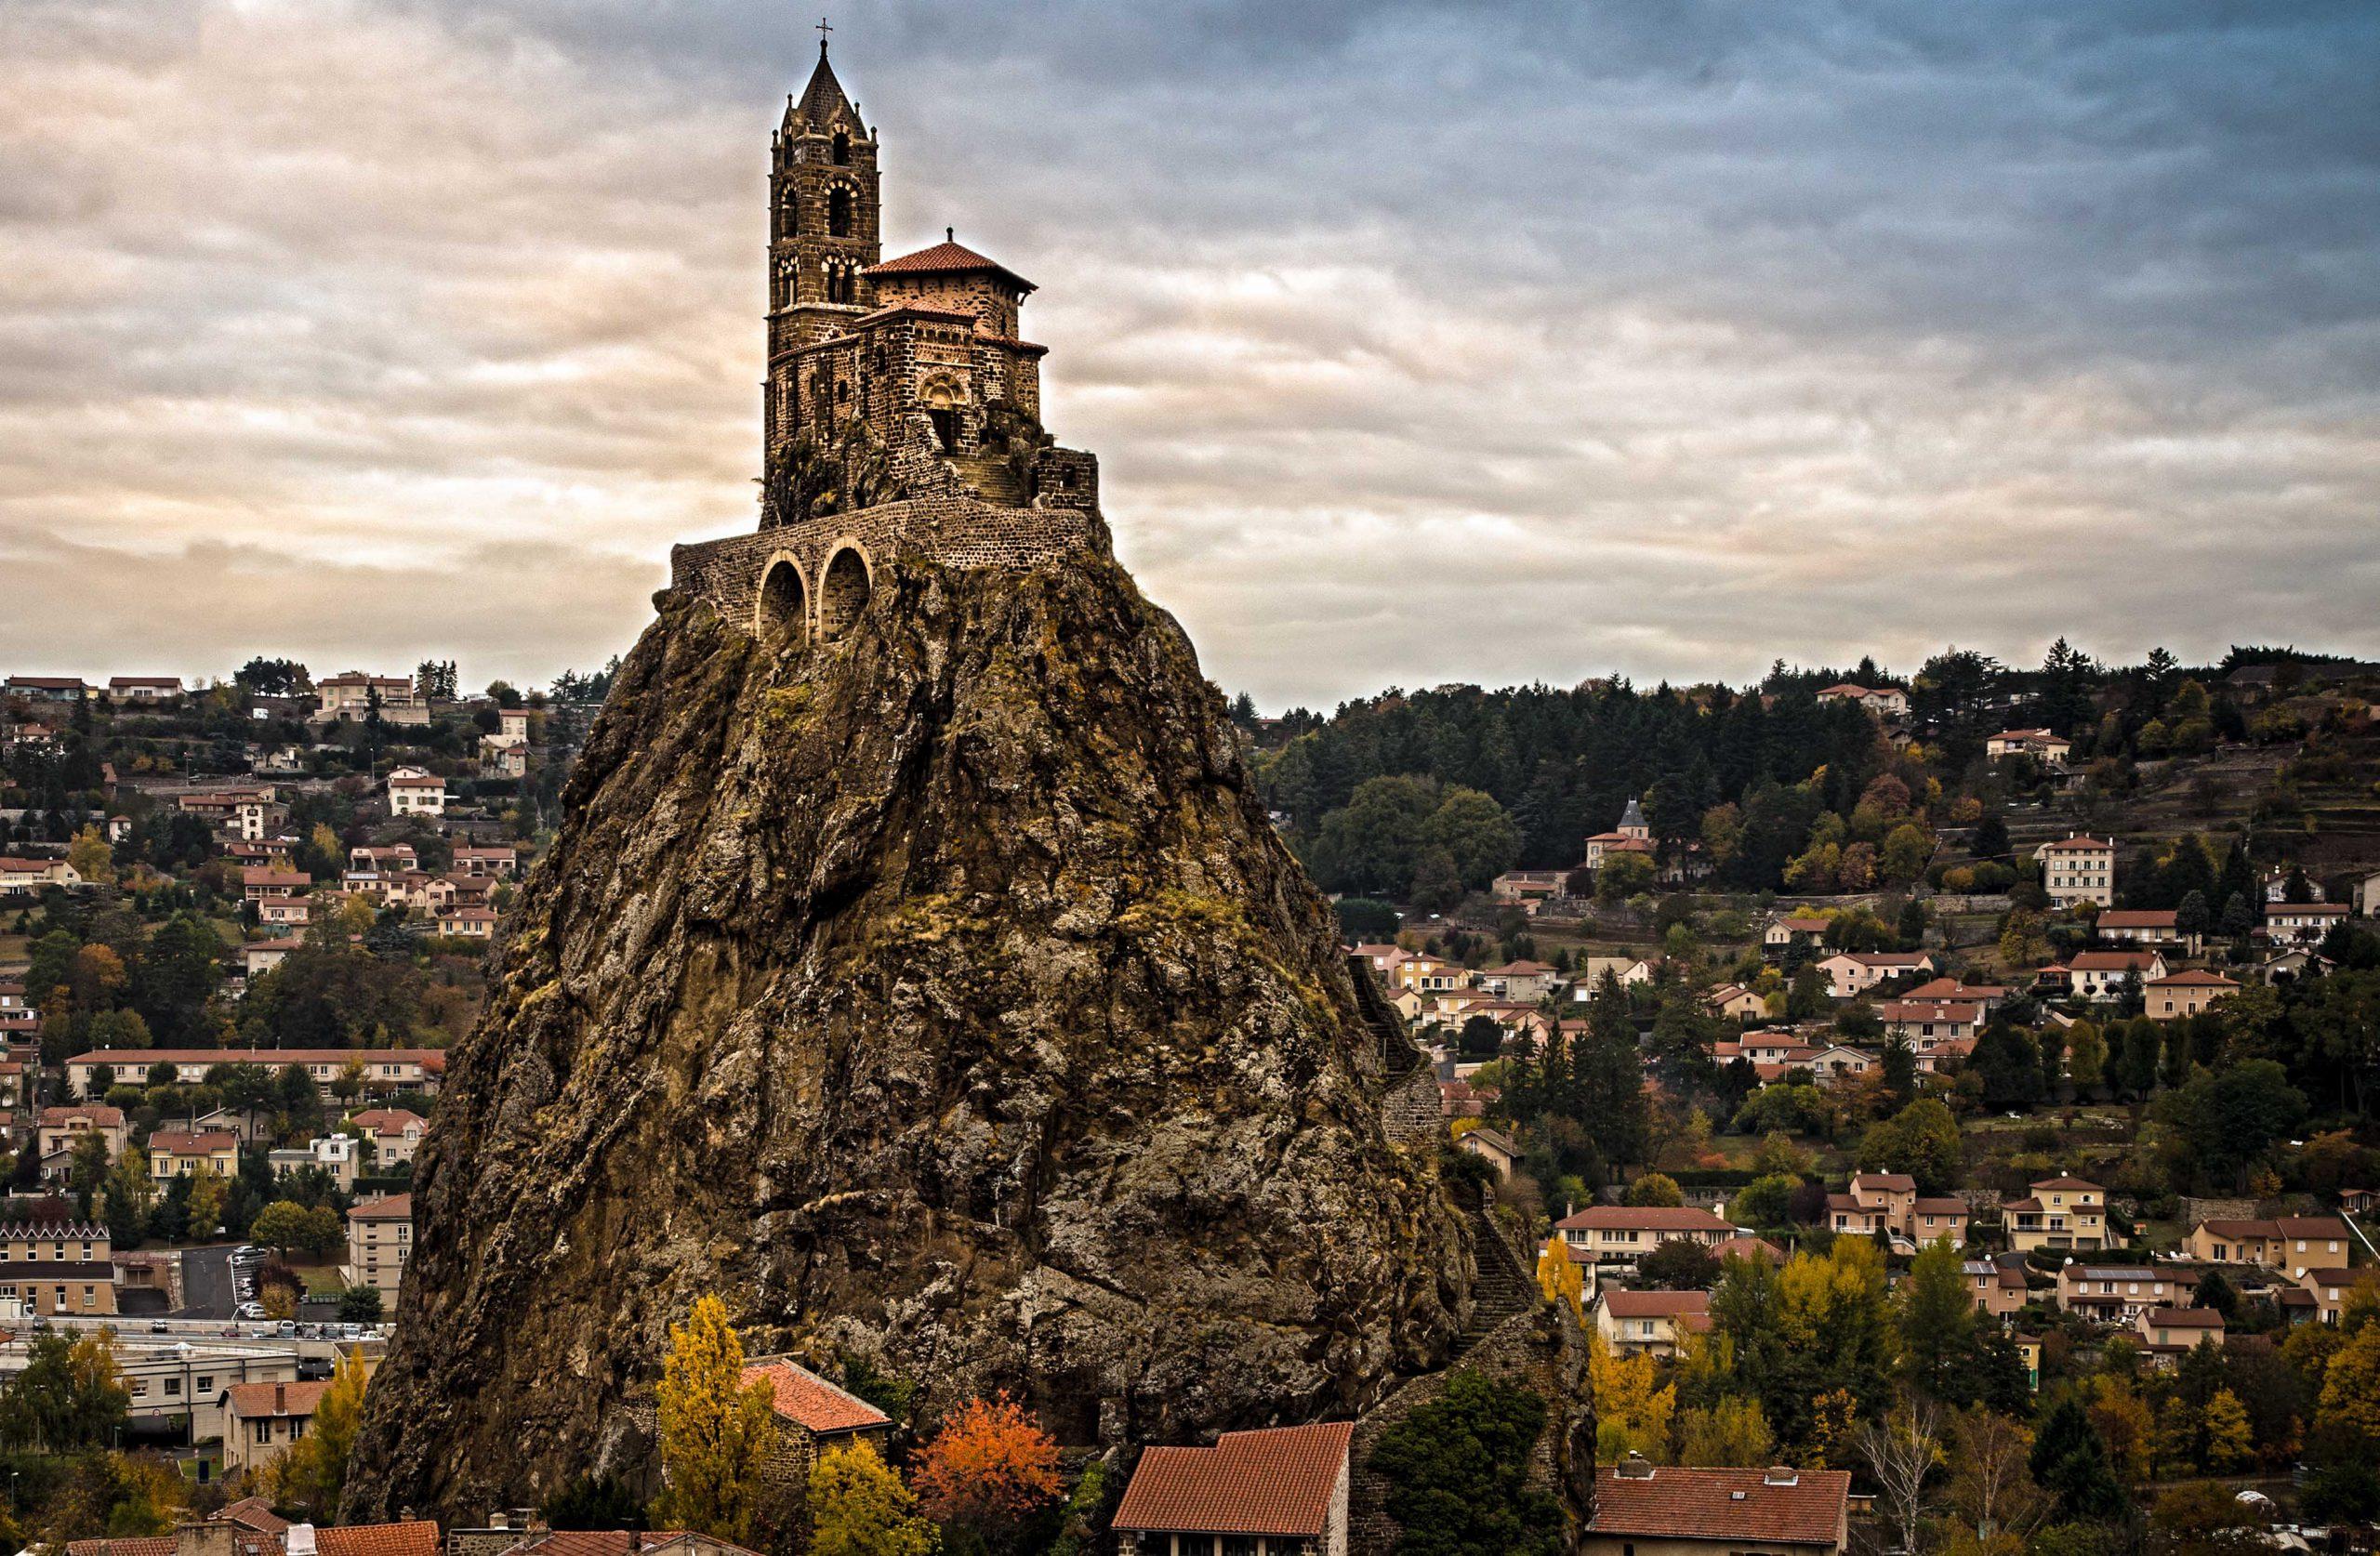 Nhà thờ hơn 1.000 năm tuổi trên đỉnh núi lửa tại Pháp